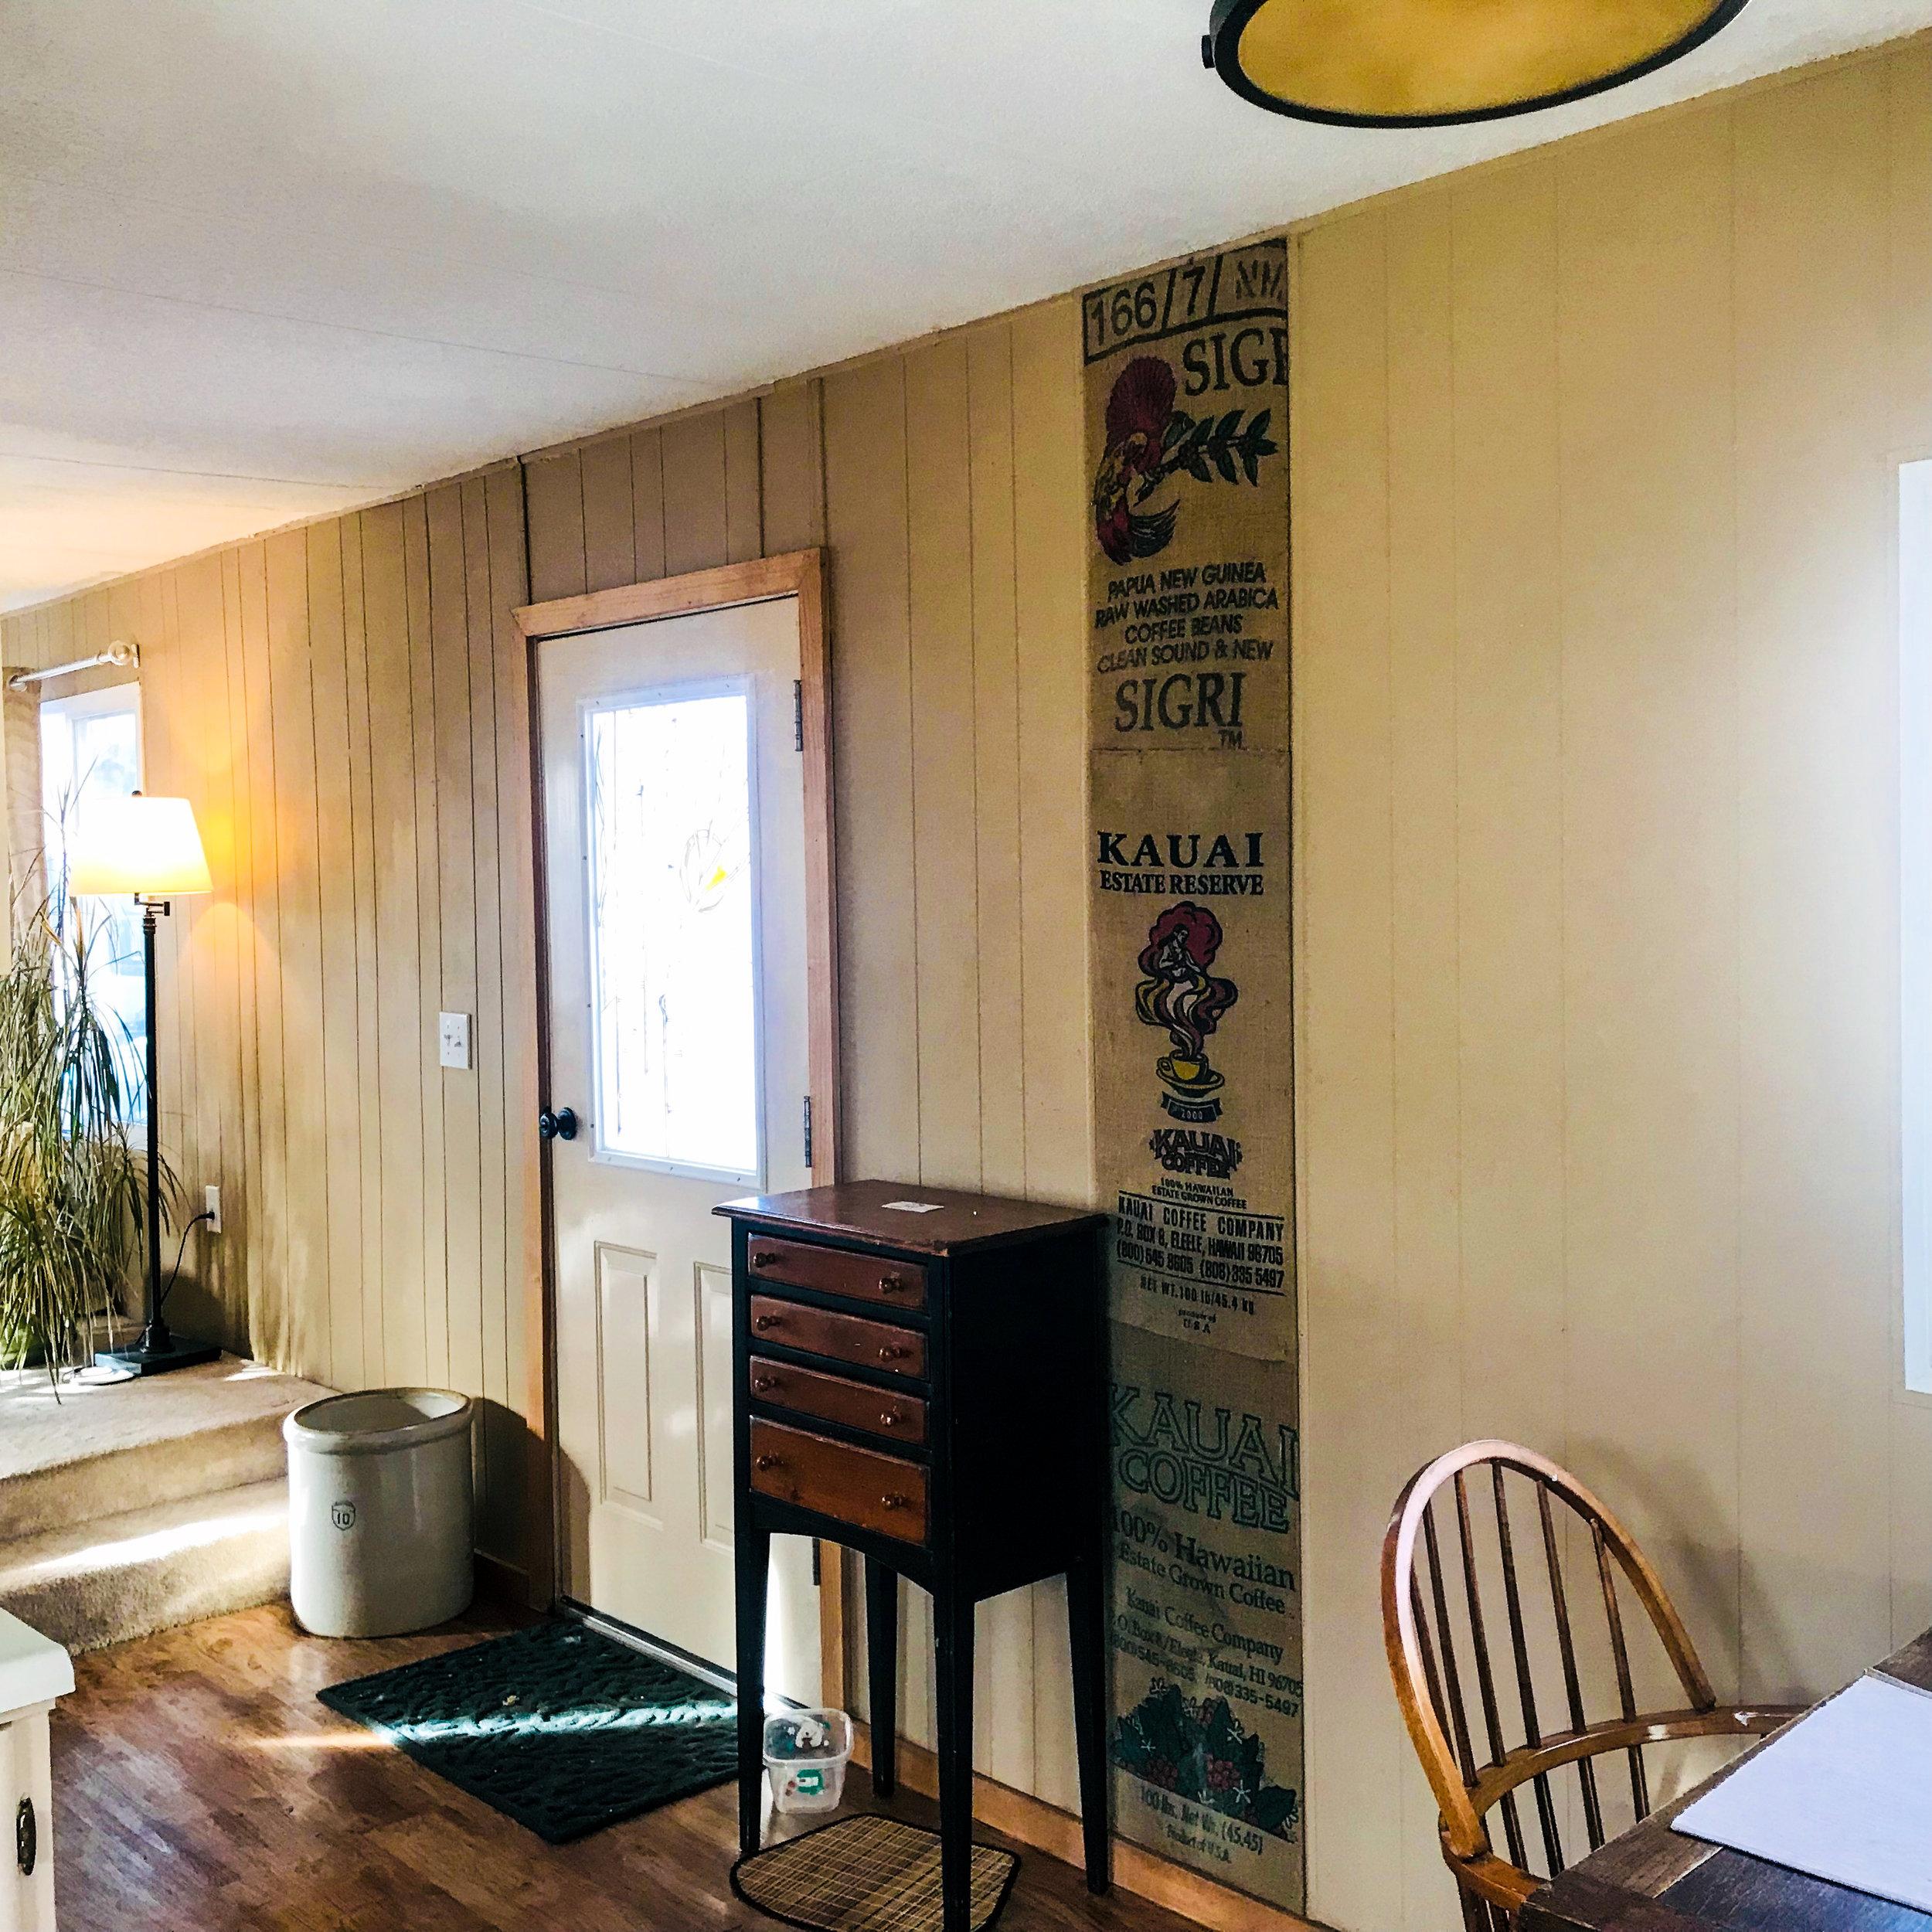 Affordable Living in Boulder